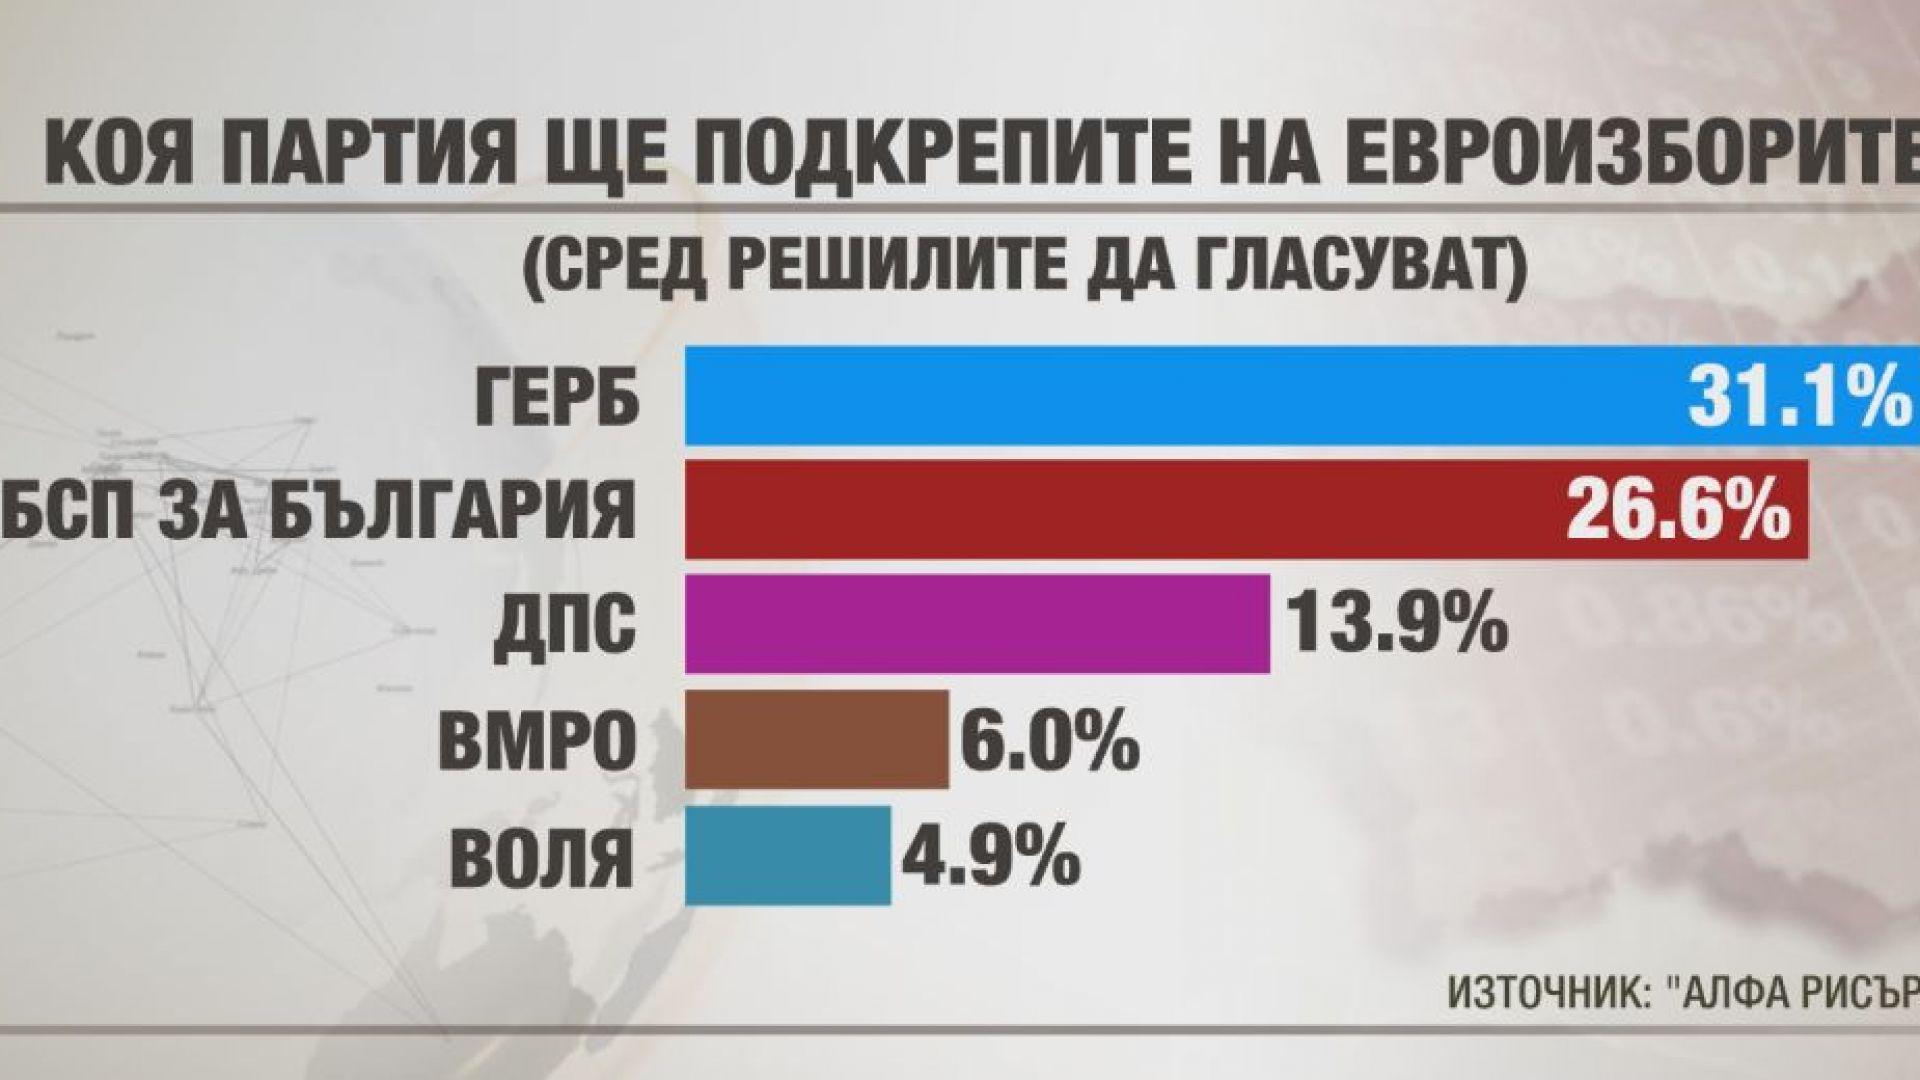 """""""Алфа Рисърч"""": ГЕРБ си връща преднината пред БСП с над 4%"""